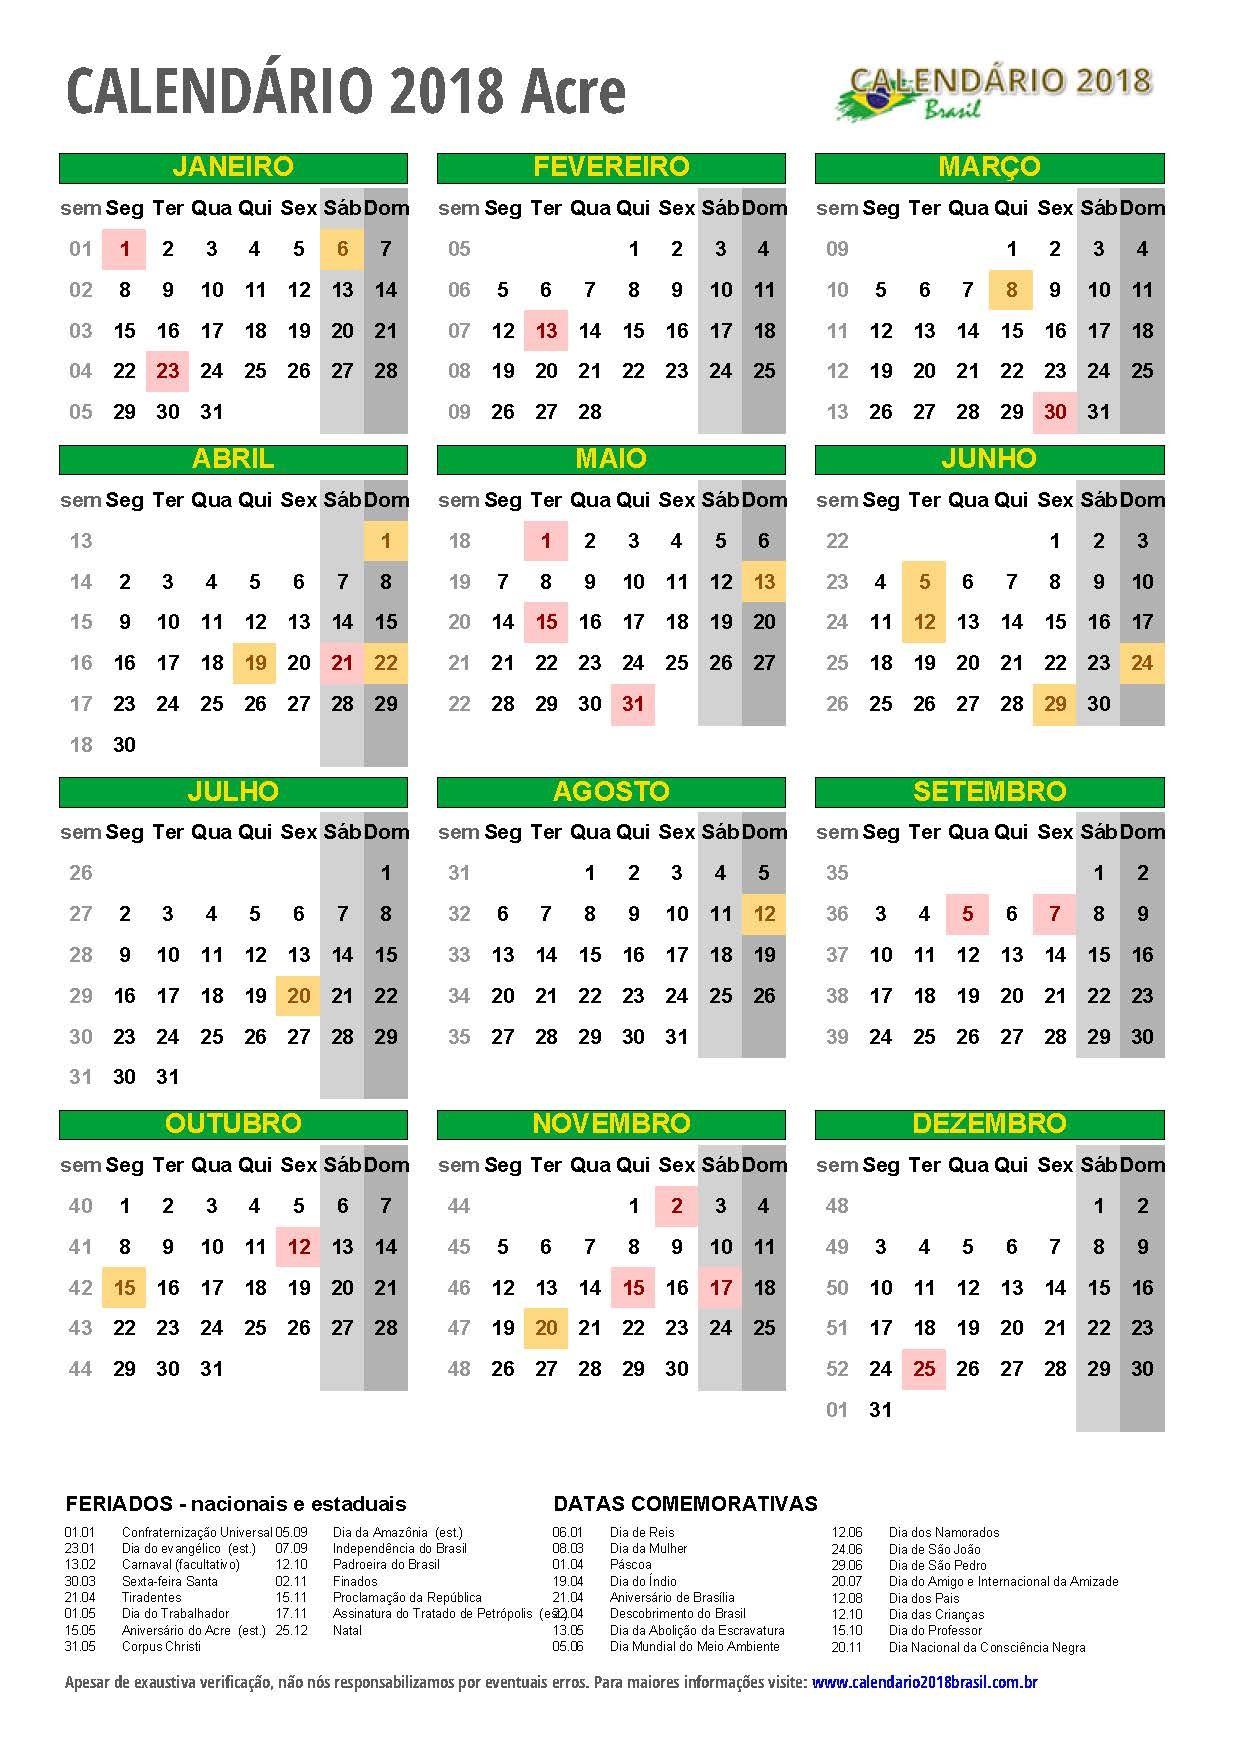 Suficiente CALENDRIO 2018 para IMPRIMIR feriados EL16